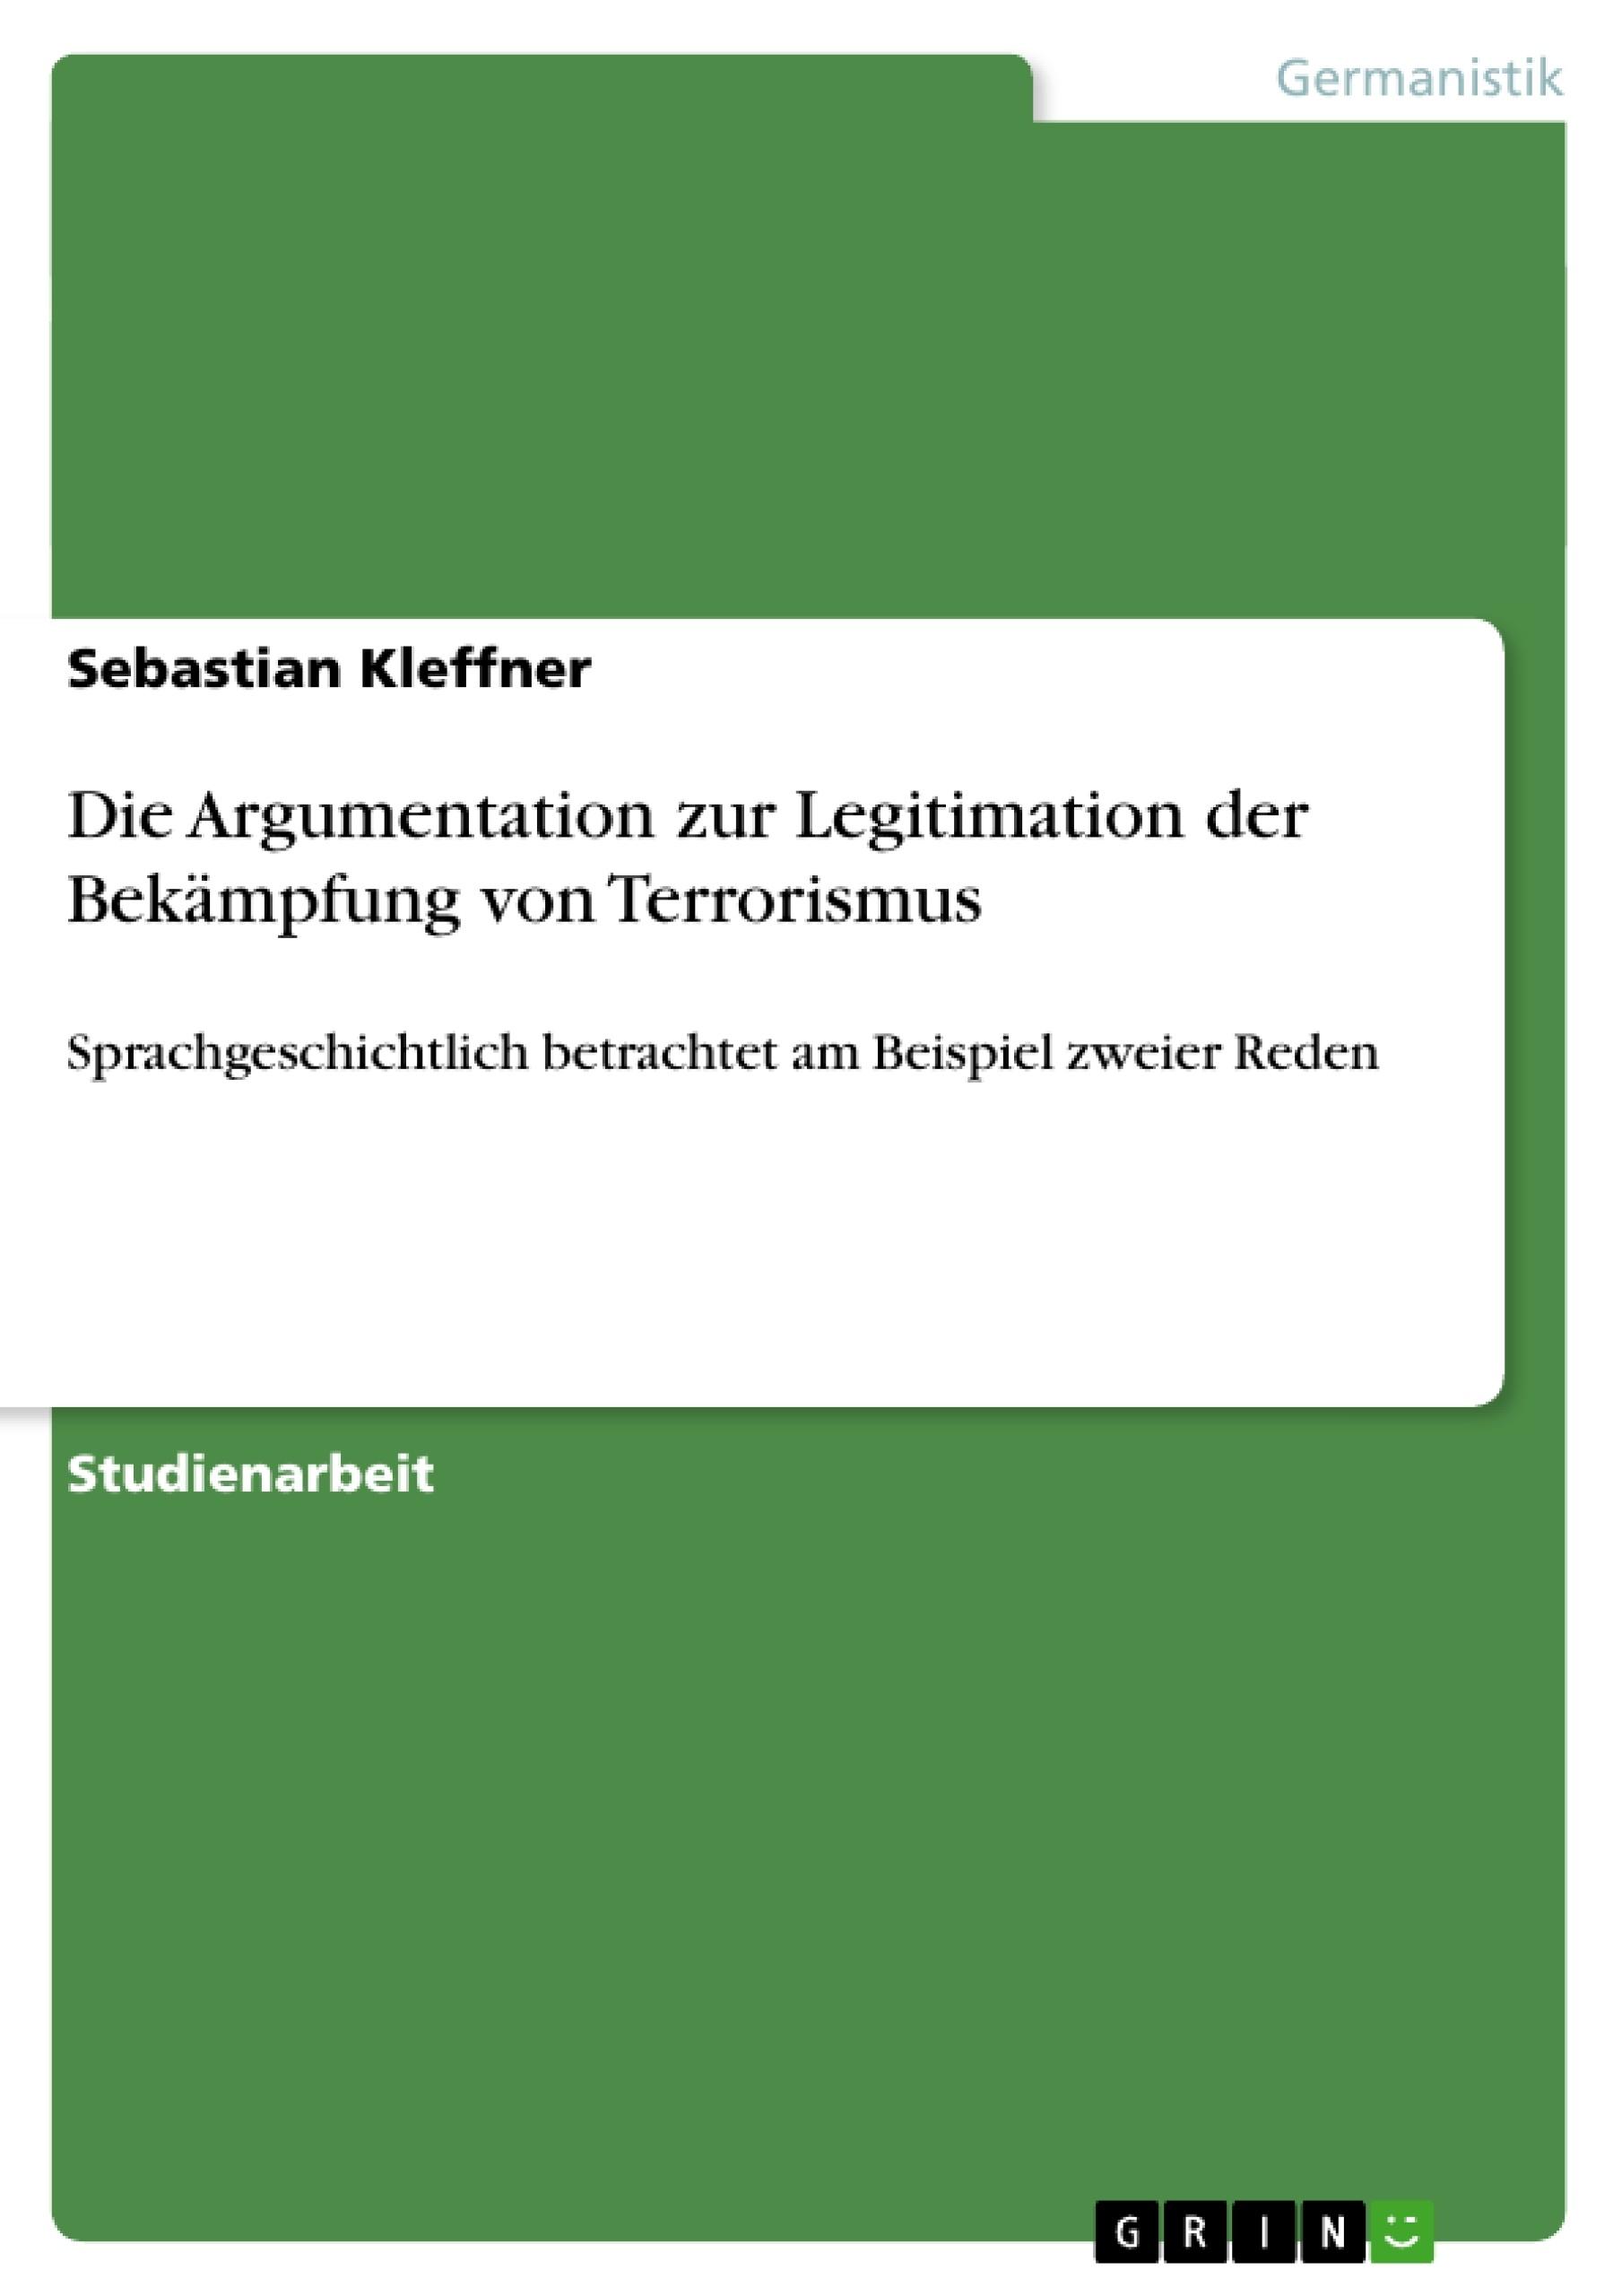 Titel: Die Argumentation zur Legitimation der Bekämpfung von Terrorismus